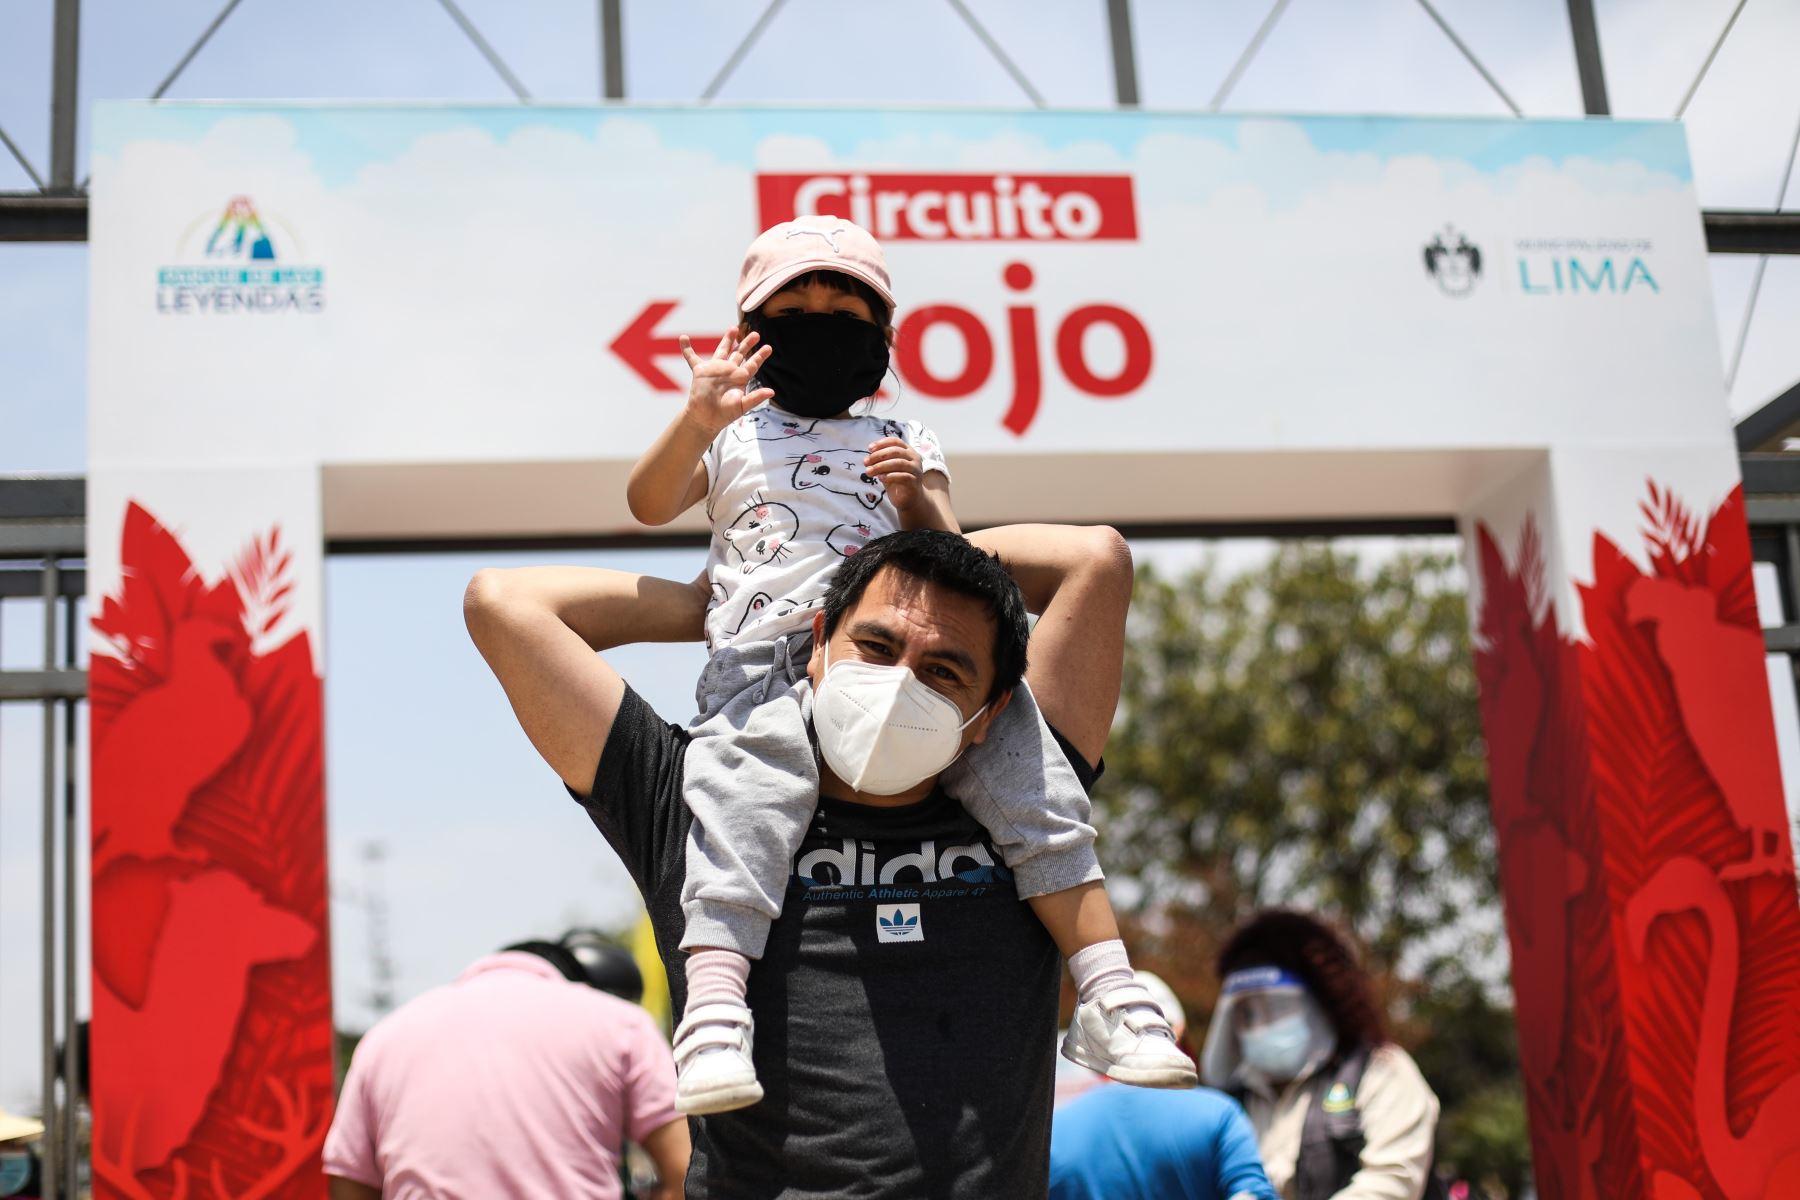 Tras varios meses de restricciones por la emergencia sanitaria decretada por el Gobierno Peruano, los niños menores de 12 años podrán disfrutar de diversos espacios públicos. Foto: Municipalidad de Lima